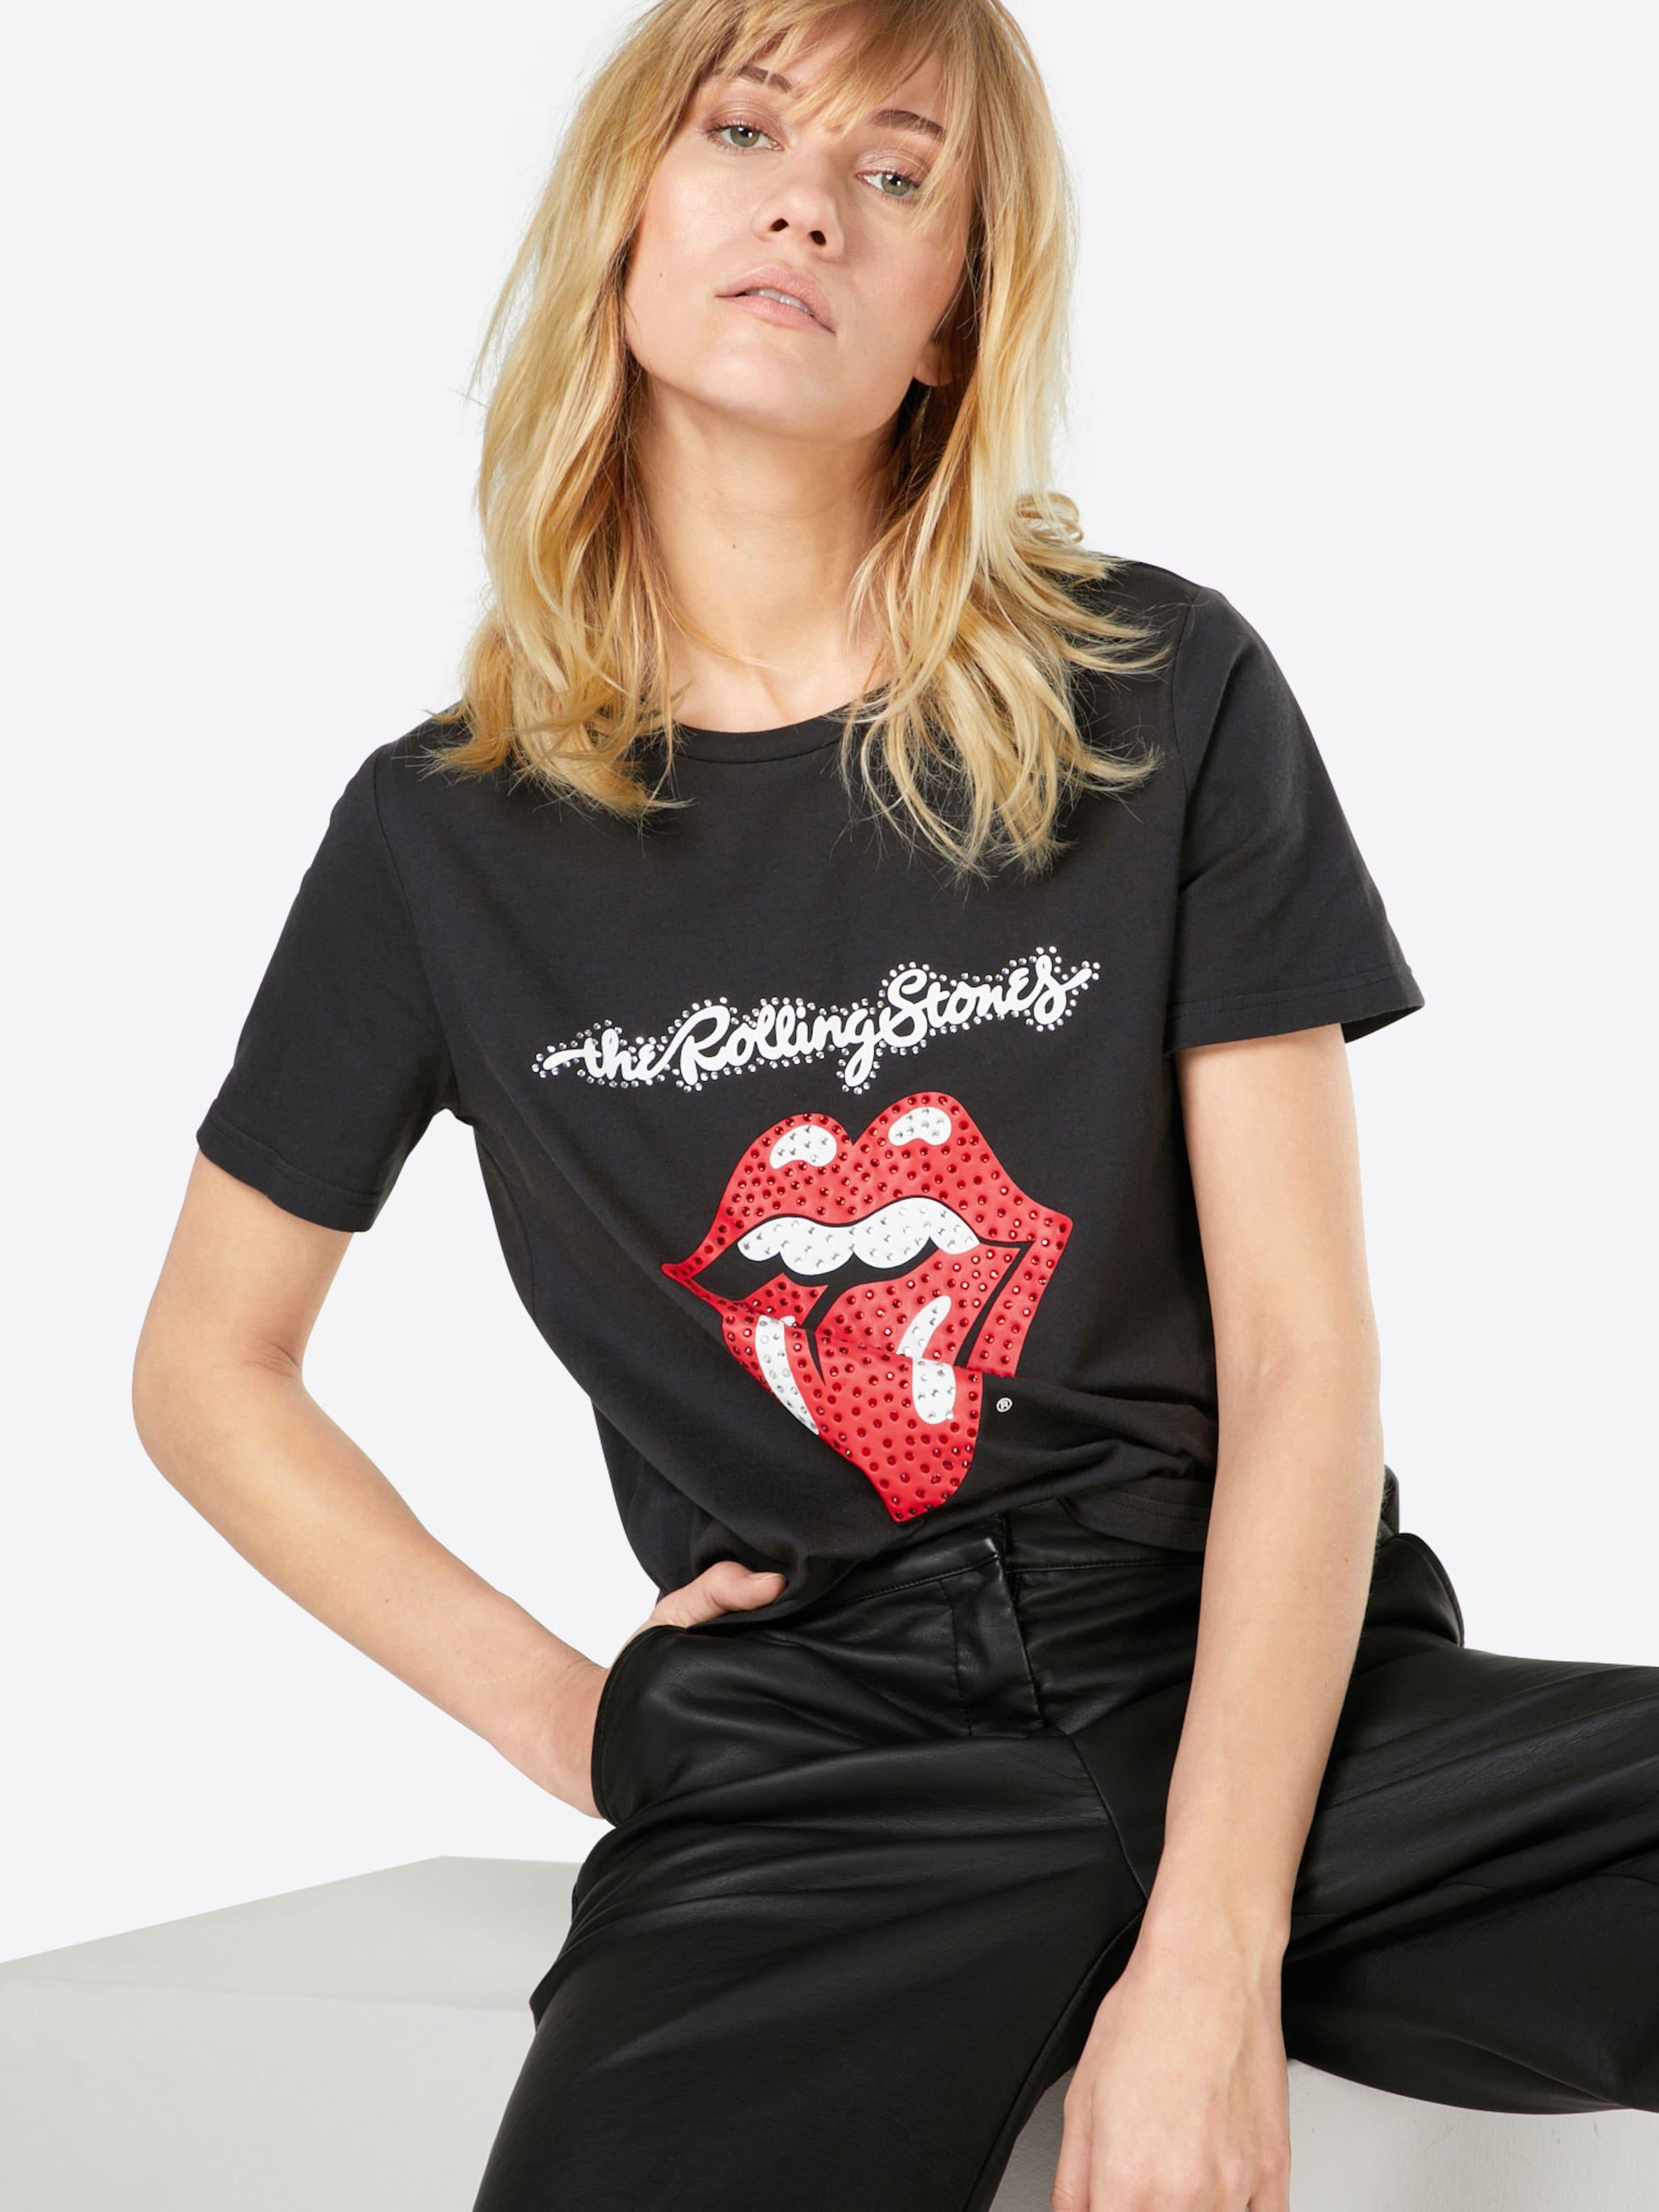 ONLY T-Shirt 'ROLLING STONES SEQUINS' Spielraum Online-Shop Wahl Zum Verkauf Online Wie Vielen Verkauf Billig Beste Preise 1Am9fCD